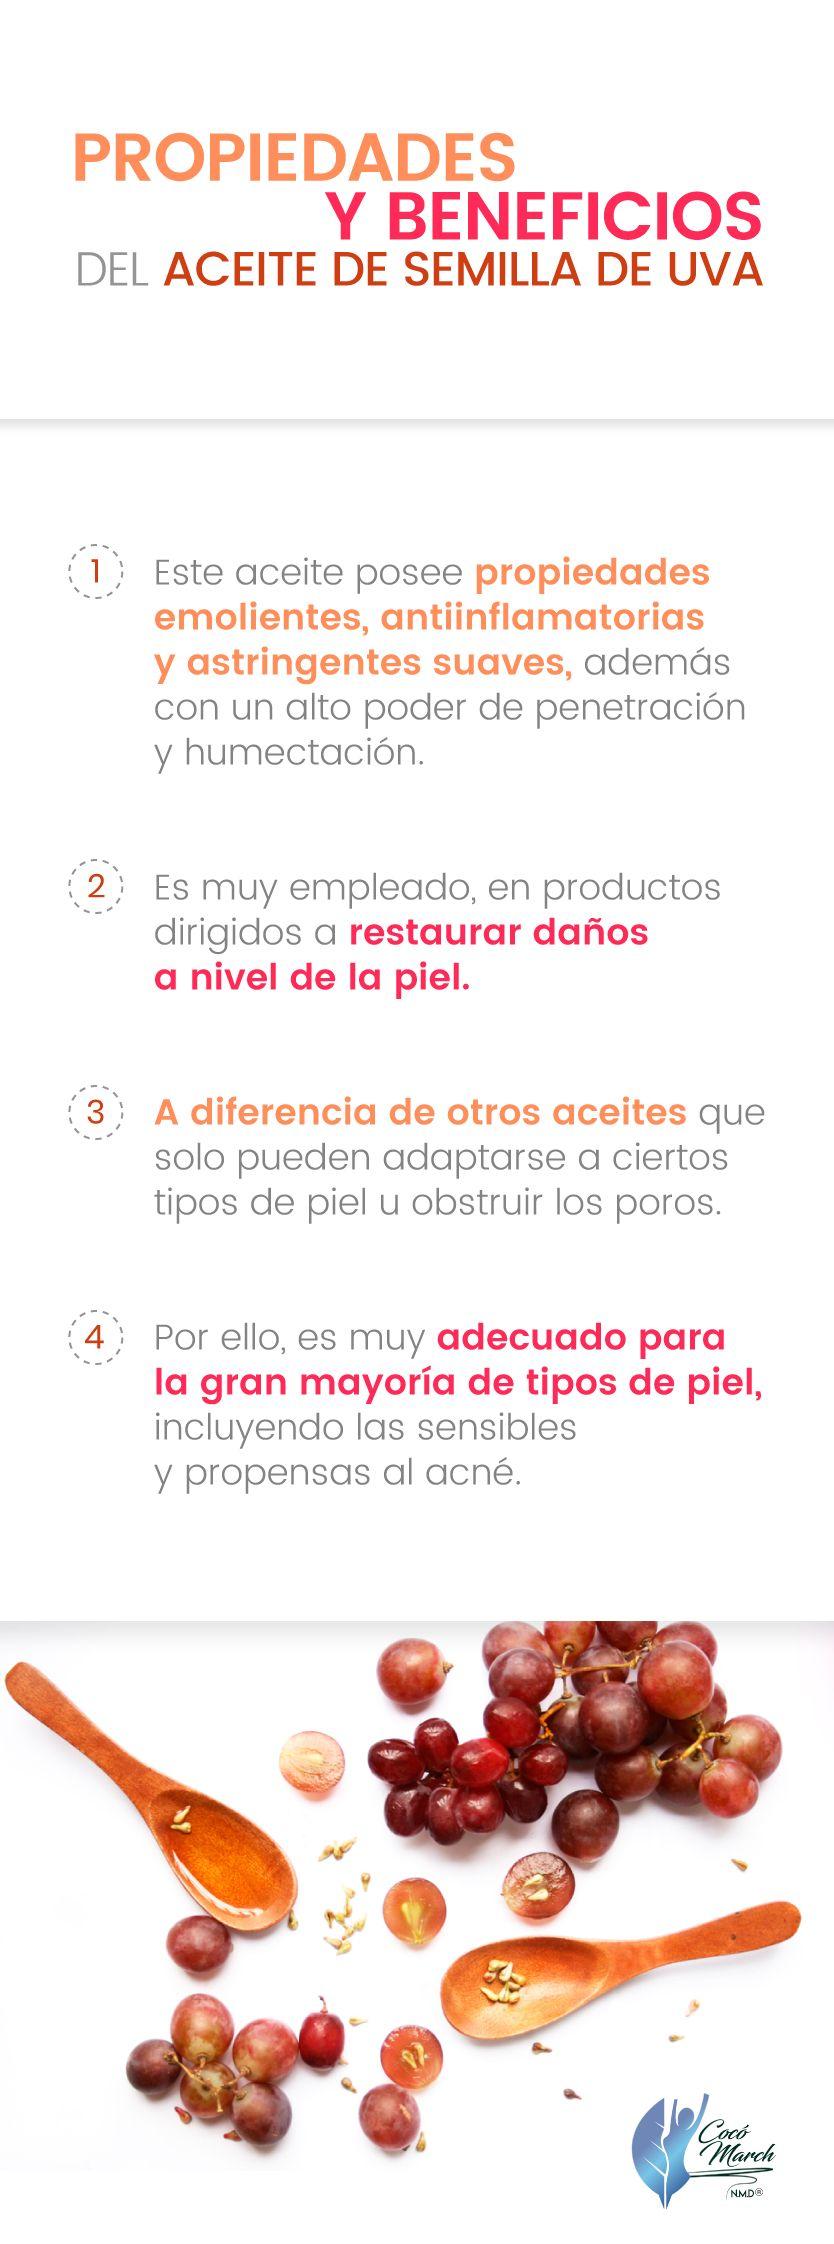 Cómo Usar El Aceite De Semilla De Uva Para Tu Piel Coco March Aceite De Semilla De Uva Semillas De Uva Aceite De Coco Natural